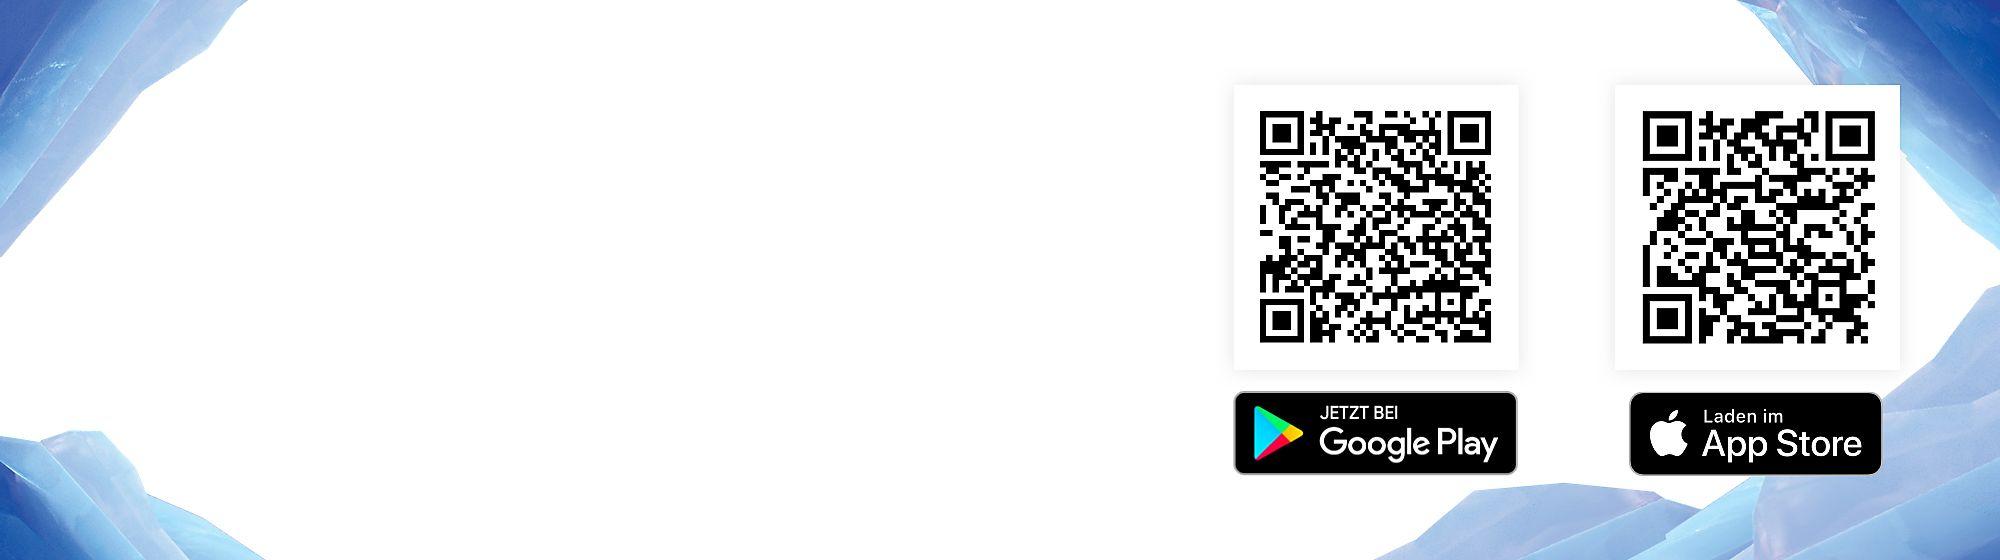 Nutze dein Handy und scanne den untenstehenden QR Code um die Disney Scan App herunterzuladen.